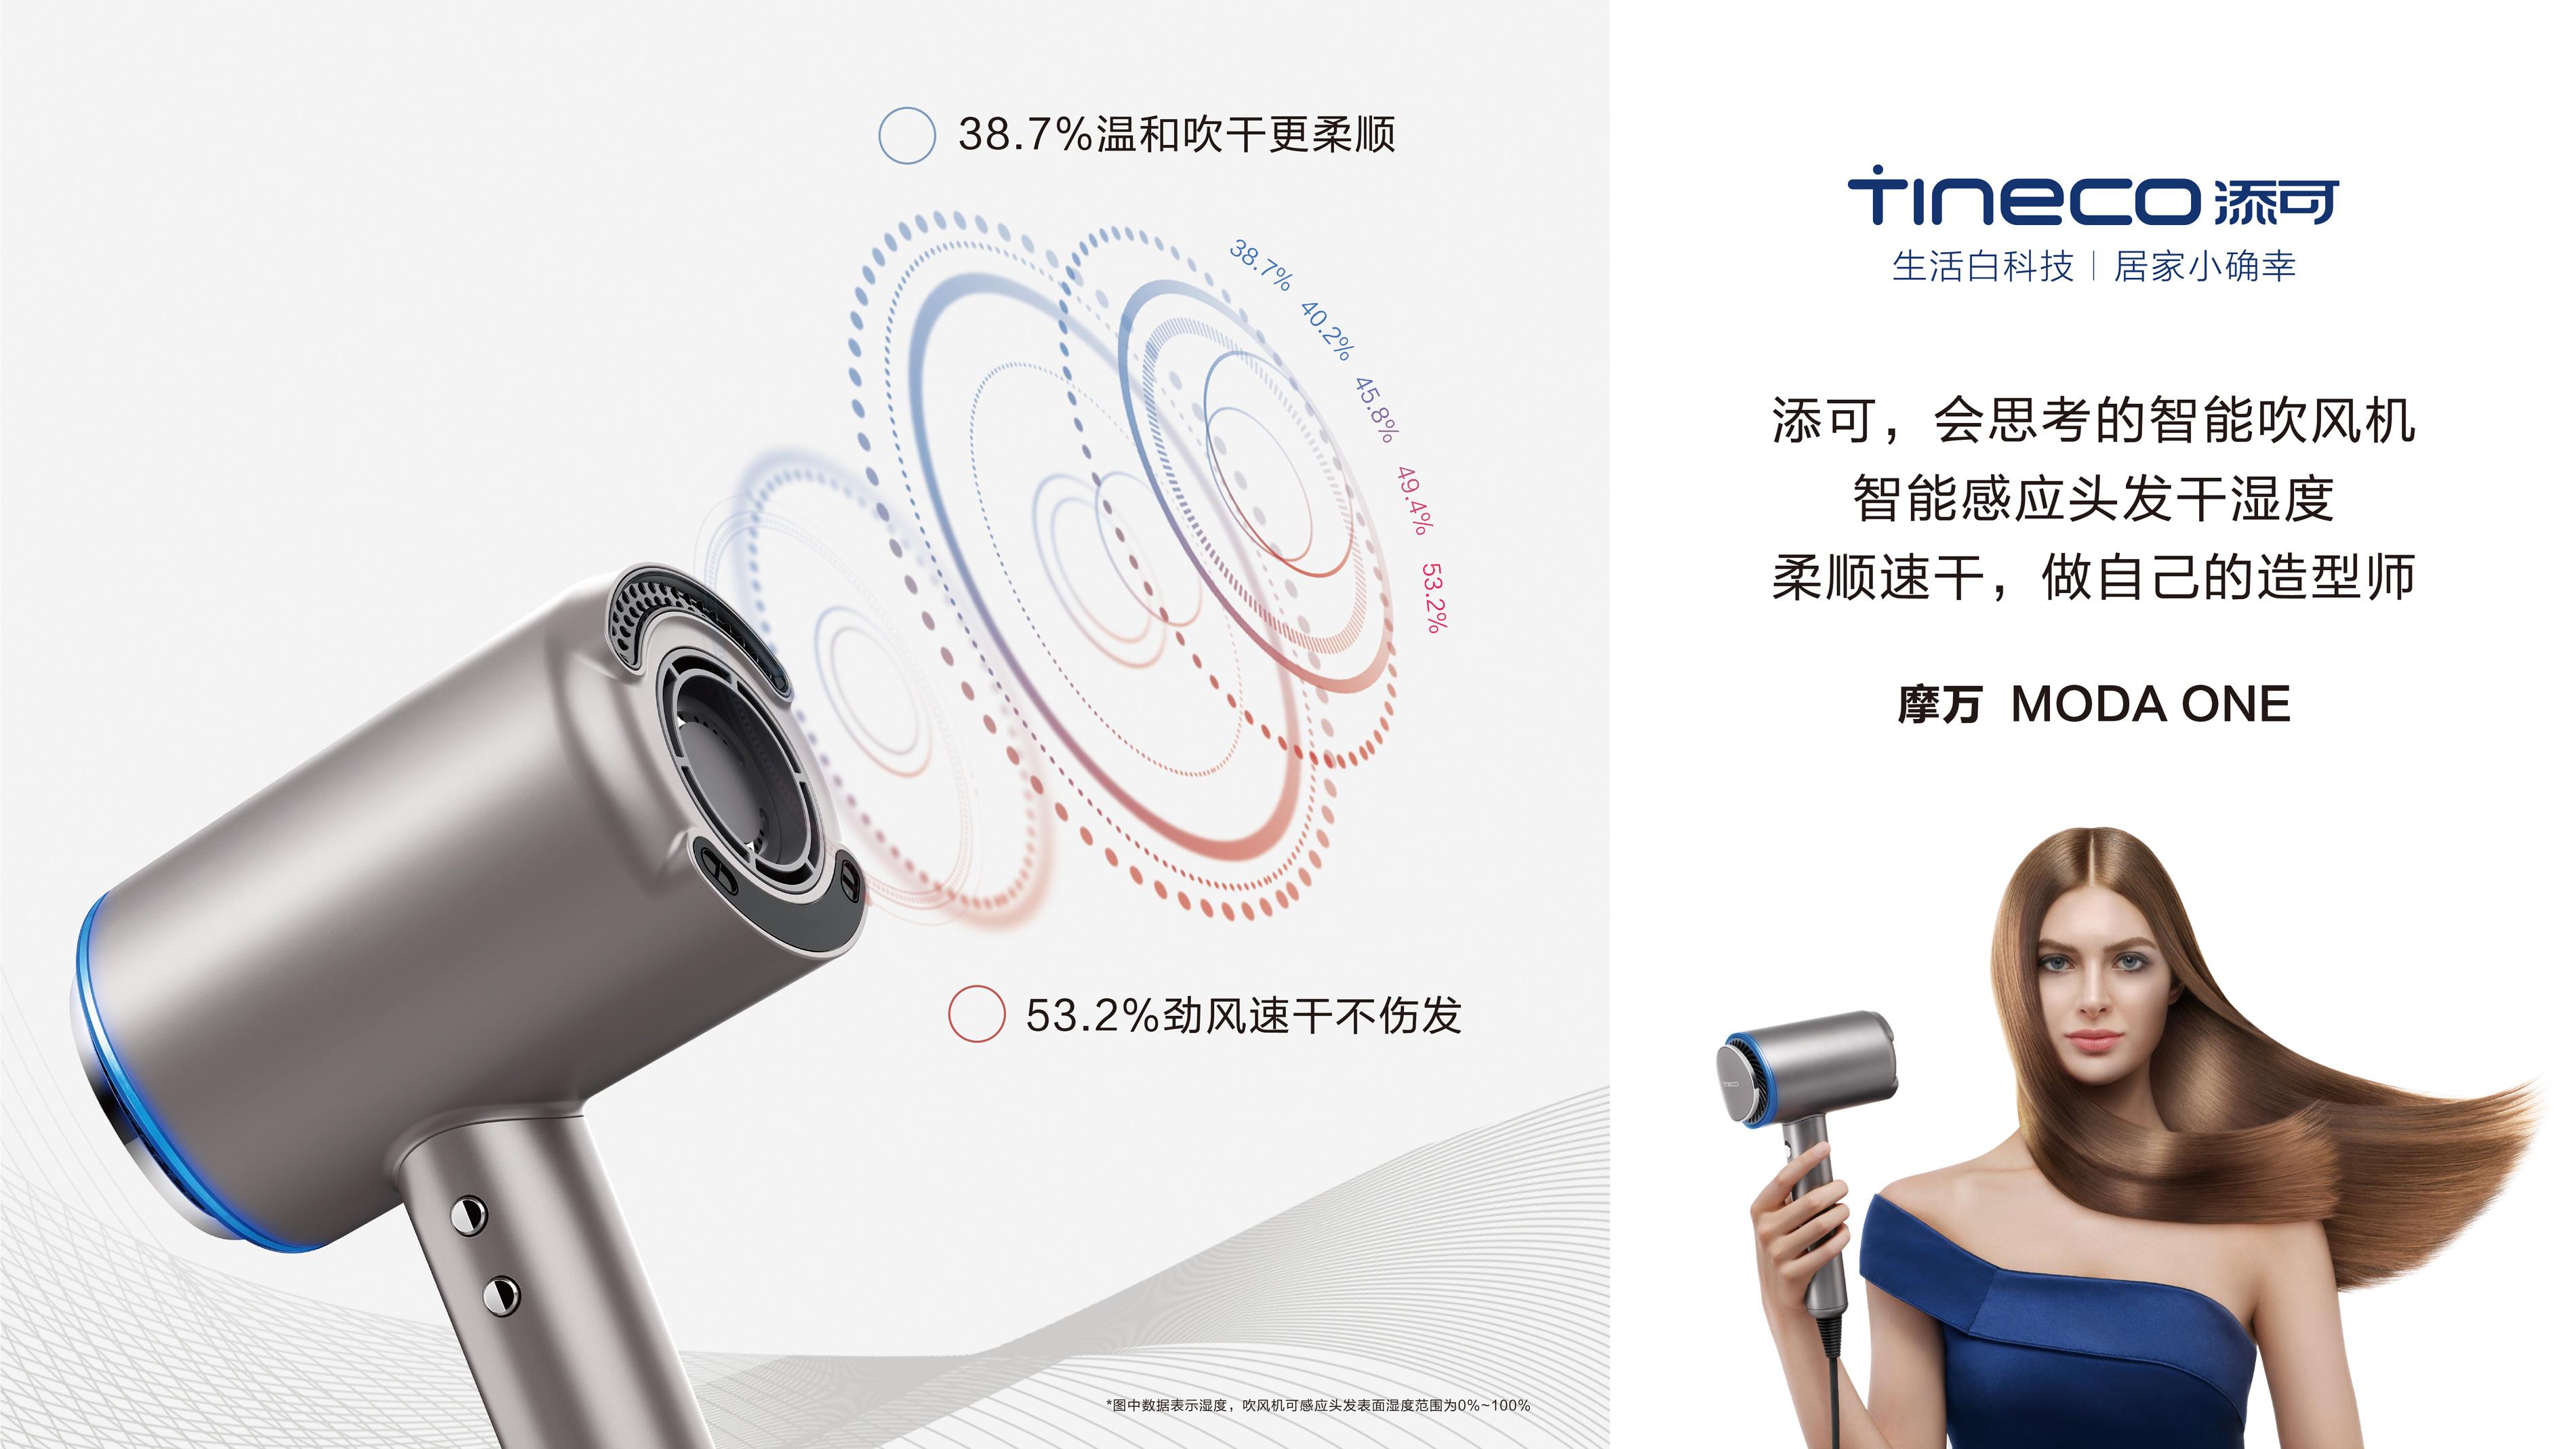 TINECO添可会思考的智能吹风机摩万MODA ONE